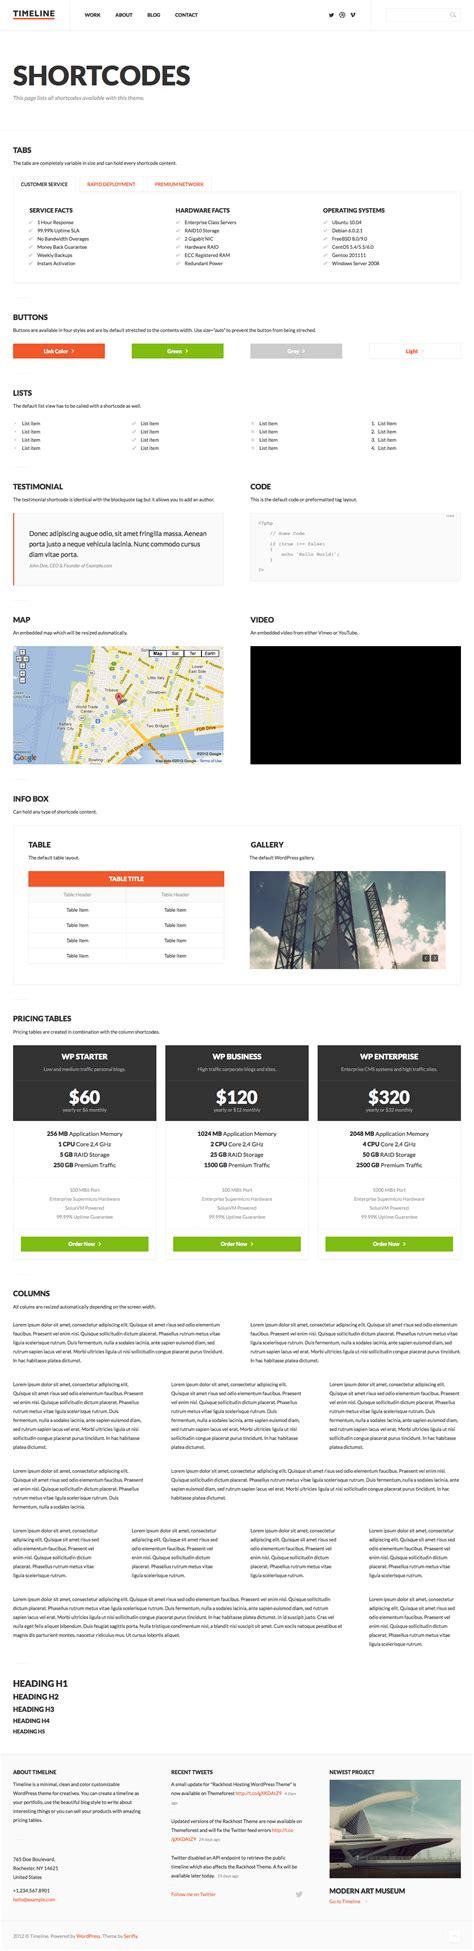 themeforest timeline timeline minimal responsive wordpress theme by serifly